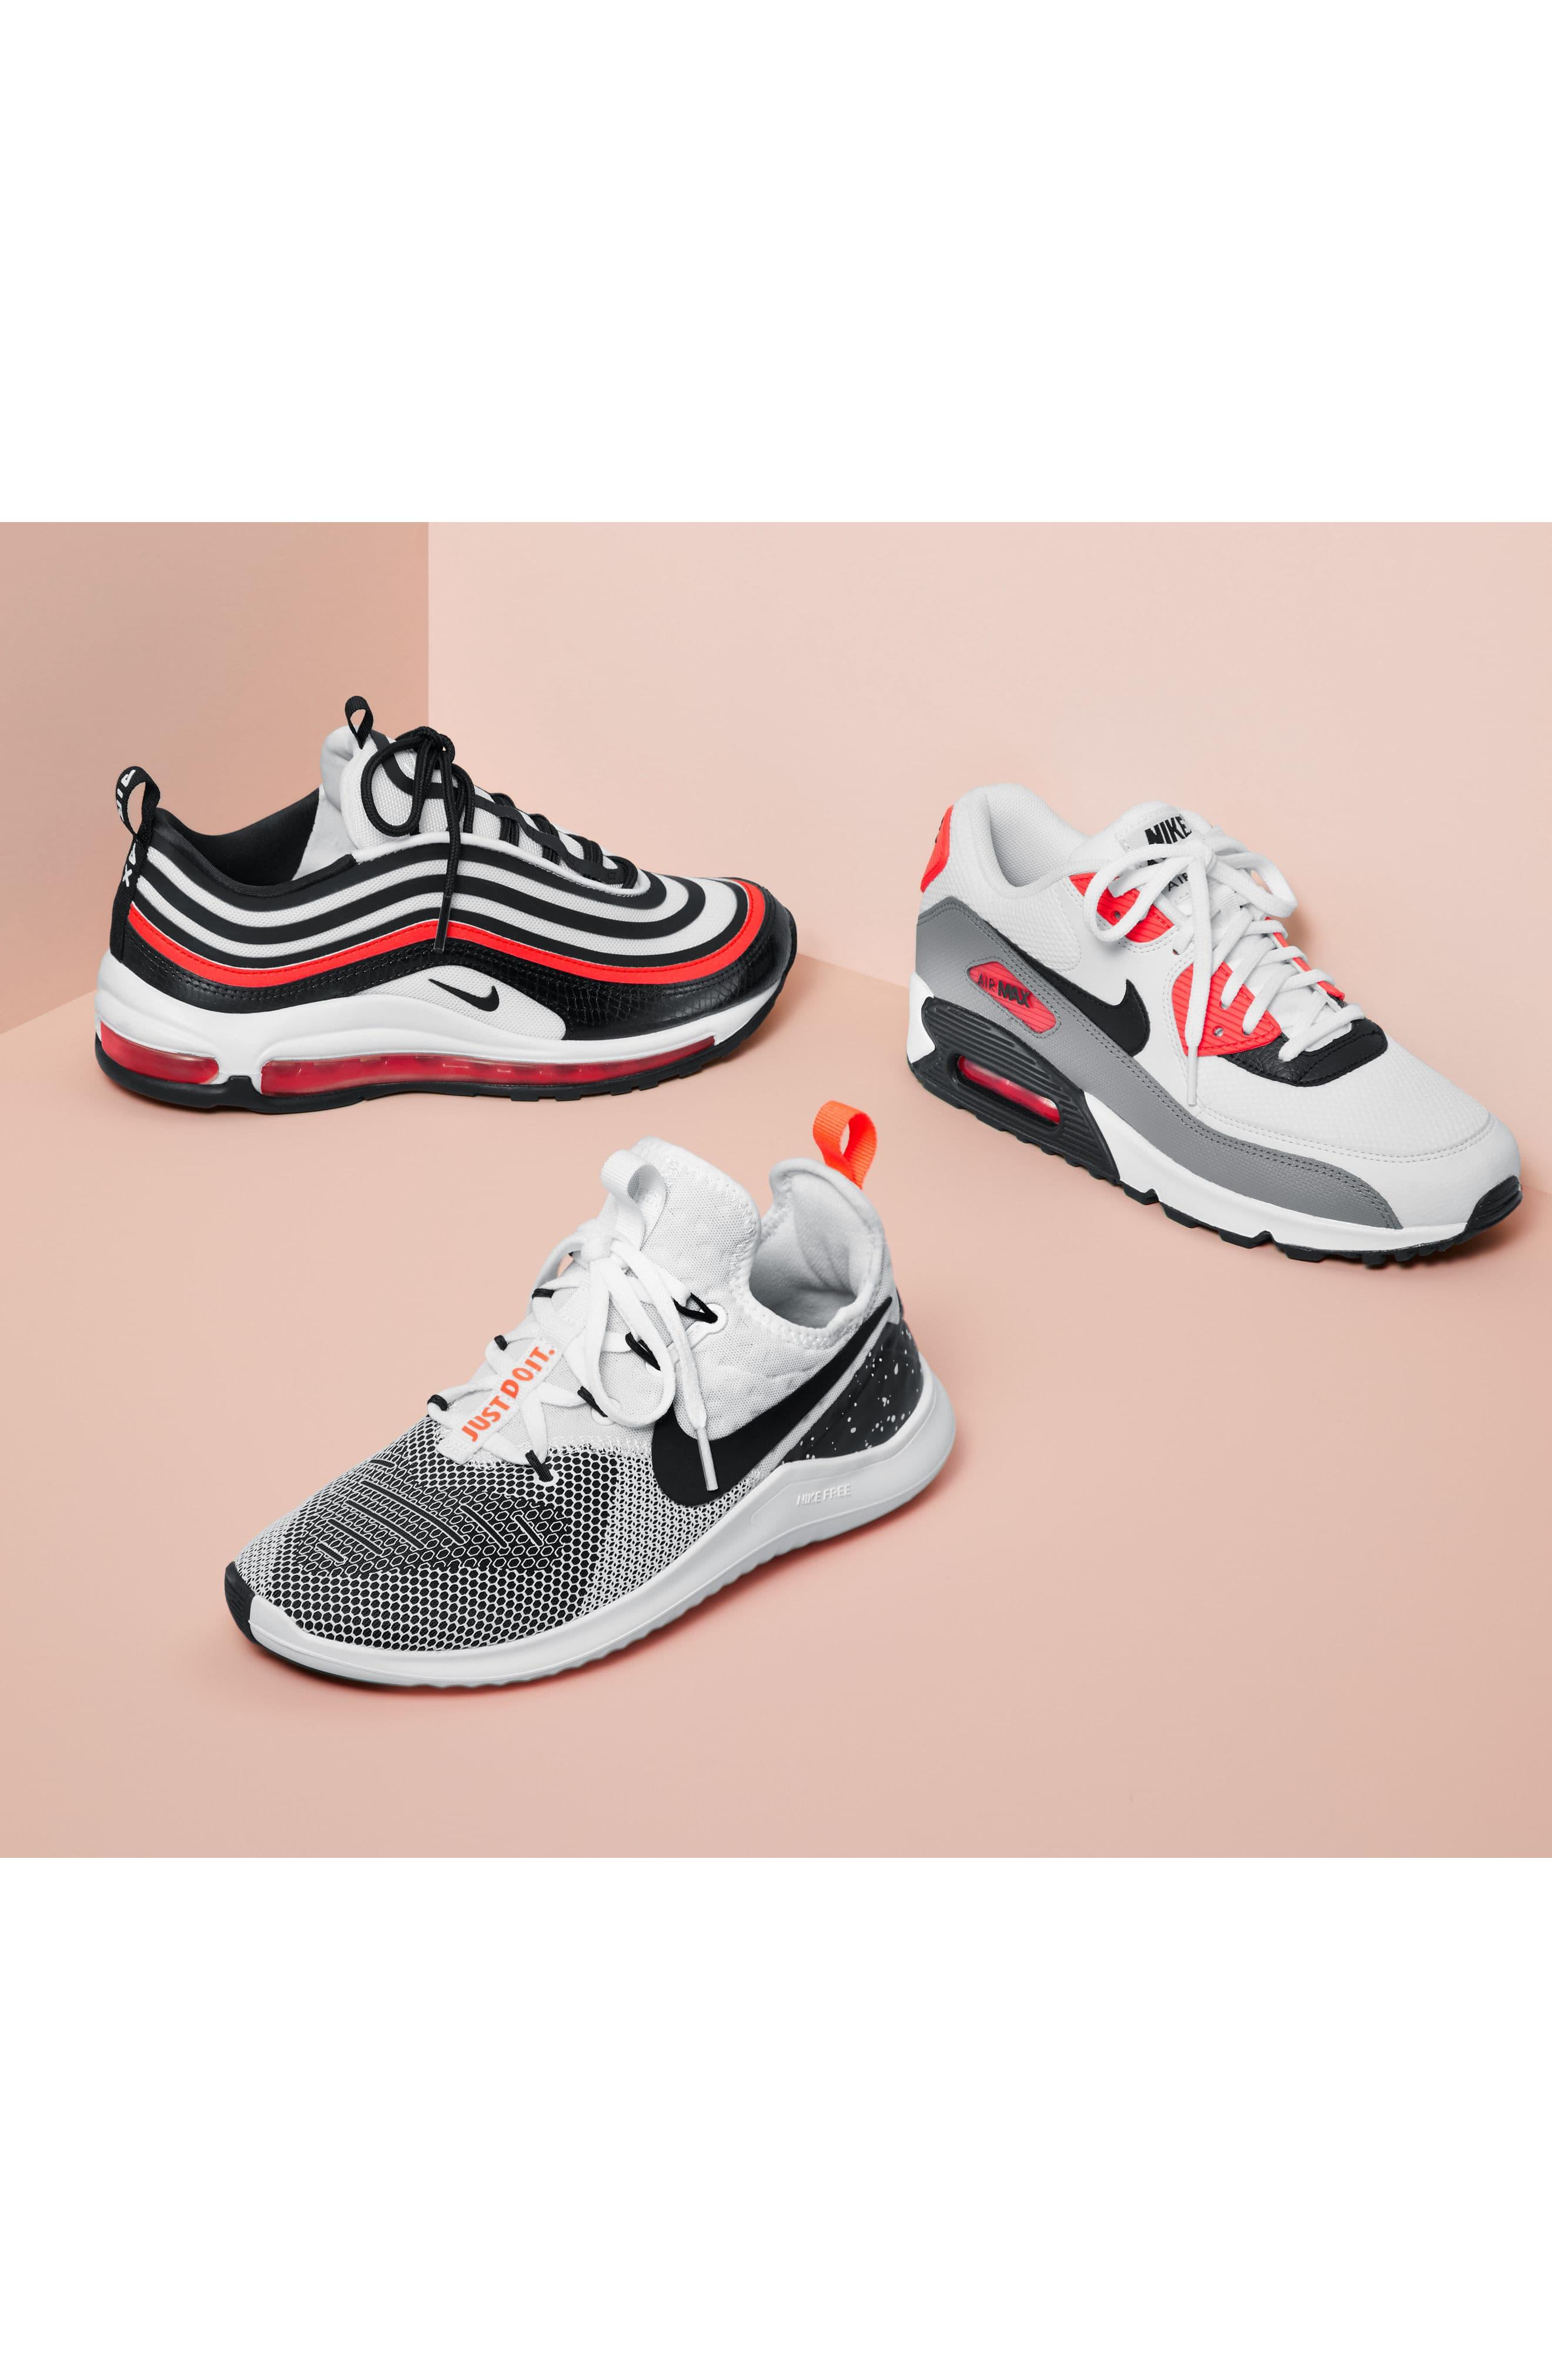 Women's Nike Free Tr8 Training Shoe, Size 10.5 M Black in